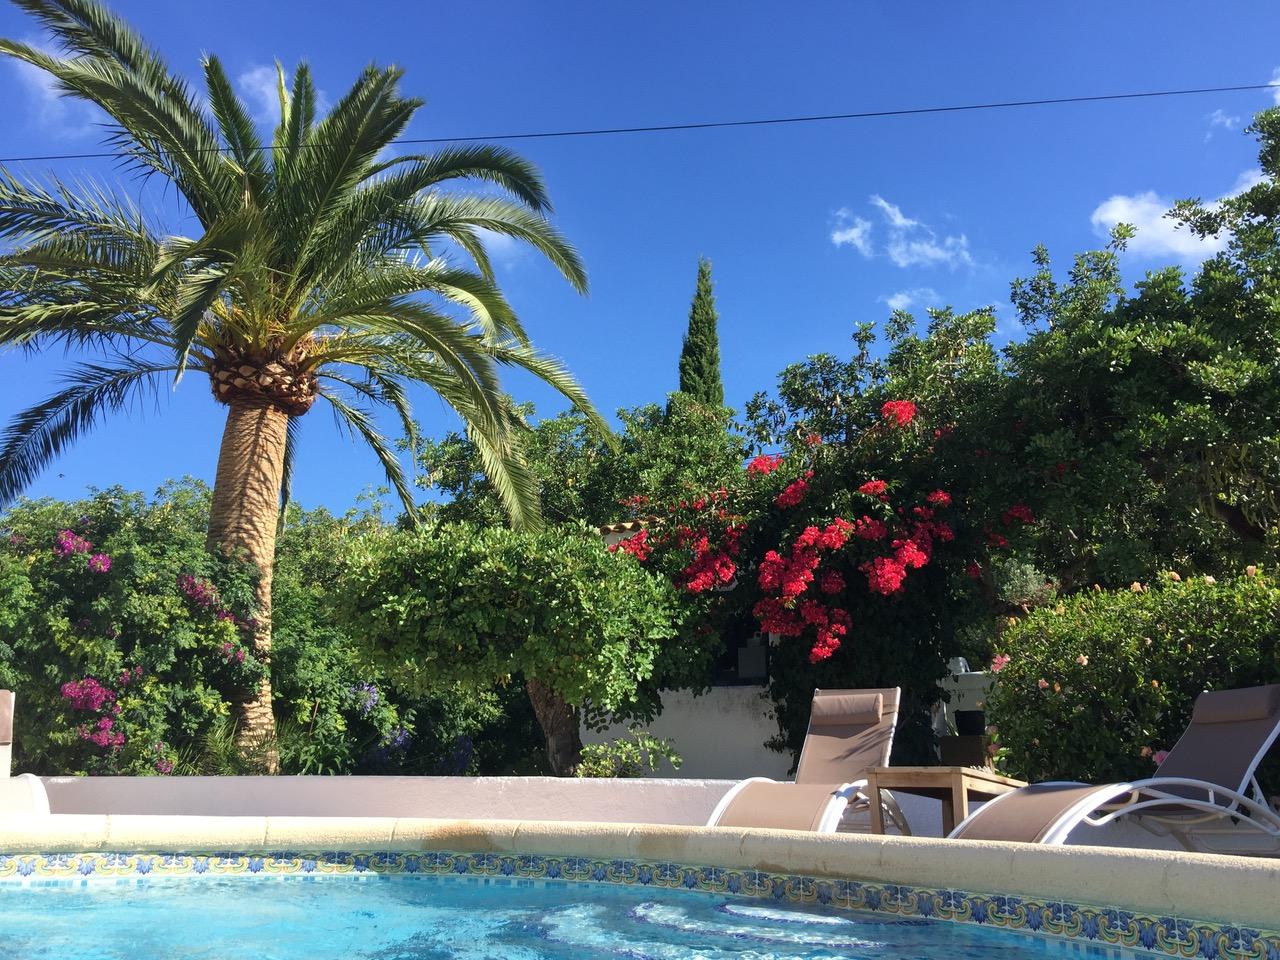 Mediterrane Tuin - Rondom de 2 eeuwen oude van alle gemakken voorziene Finca ligt een ruime mediterrane tuin van 2600m2 met tal van authentieke bomen, cactussen, bougainvilles en diverse zitjes.